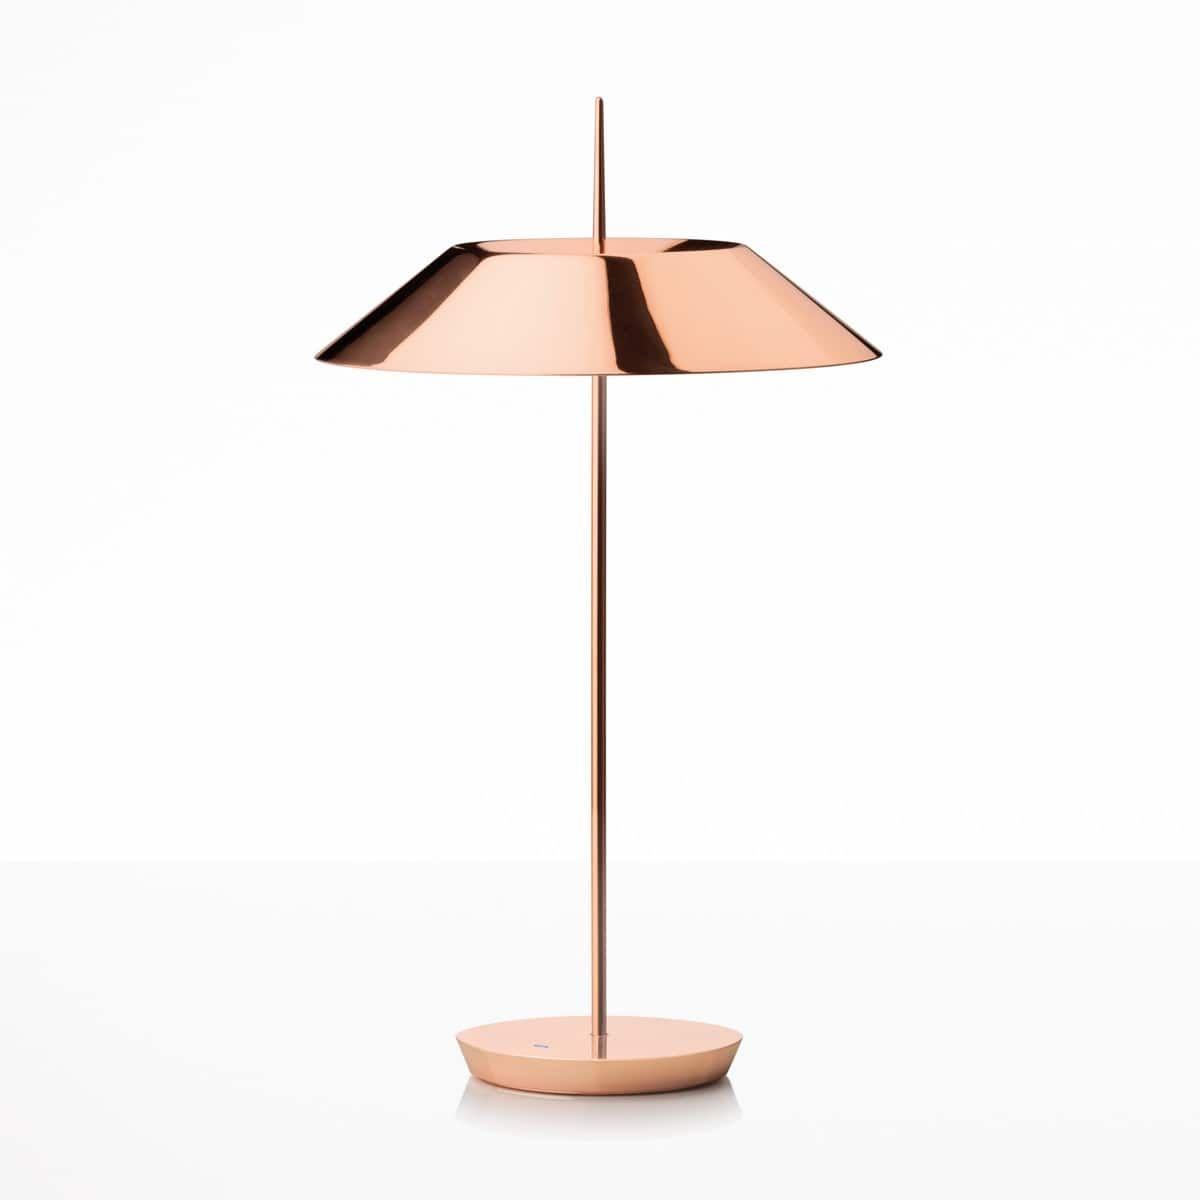 Vibia Mayfair 5505 Tischleuchte Kupfer Glanzend Tischleuchte Nachttischlampe Touch Lampen Gunstig